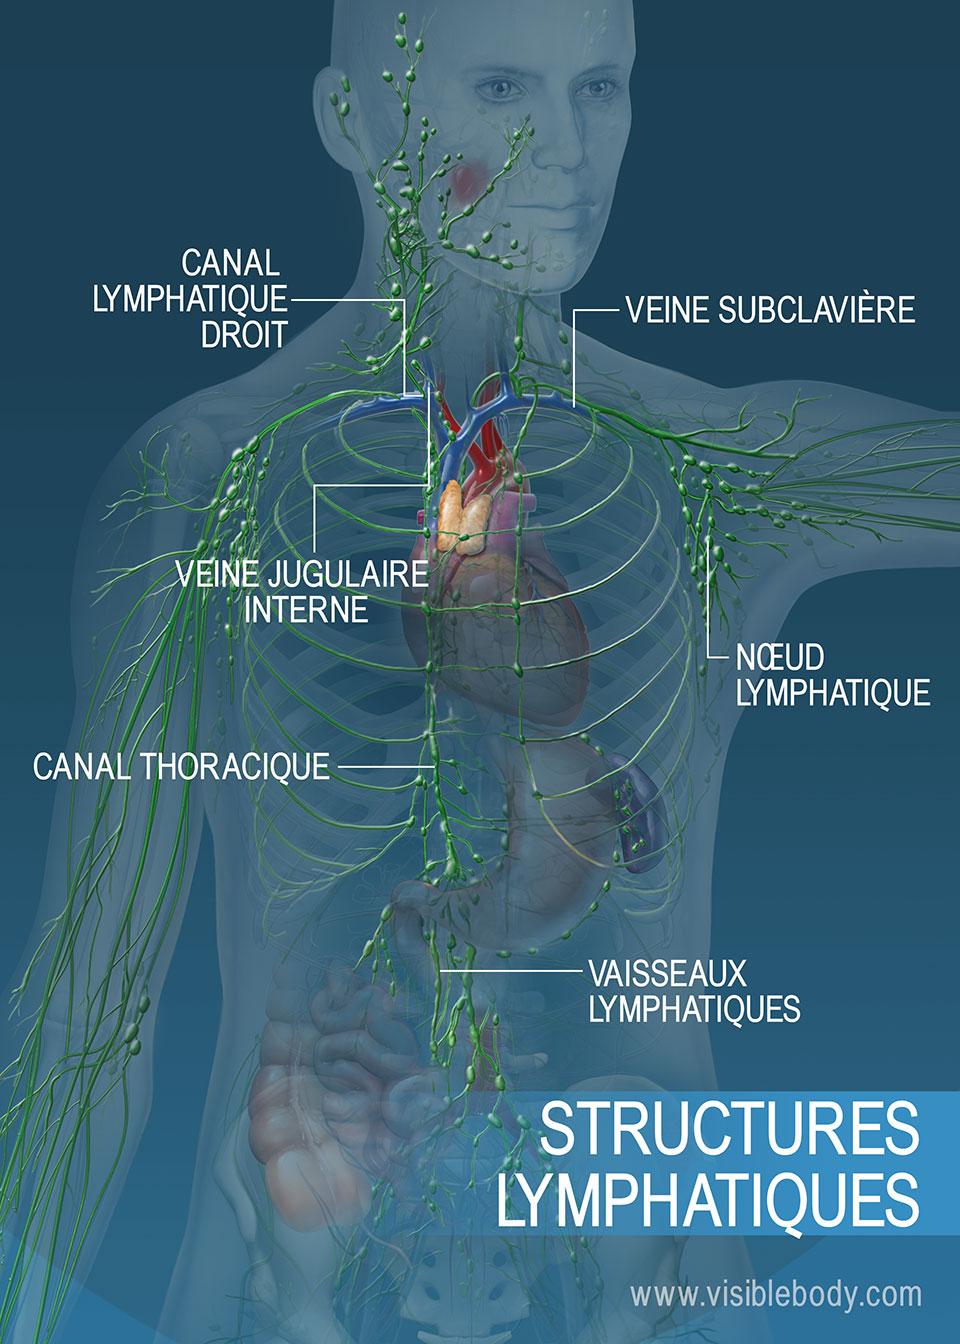 Le réseau de vaisseaux lymphatiques dans le torse et les bras. Les principales structures regroupent le canal thoracique, le canal lymphatique droit et les vaisseaux lymphatiques.